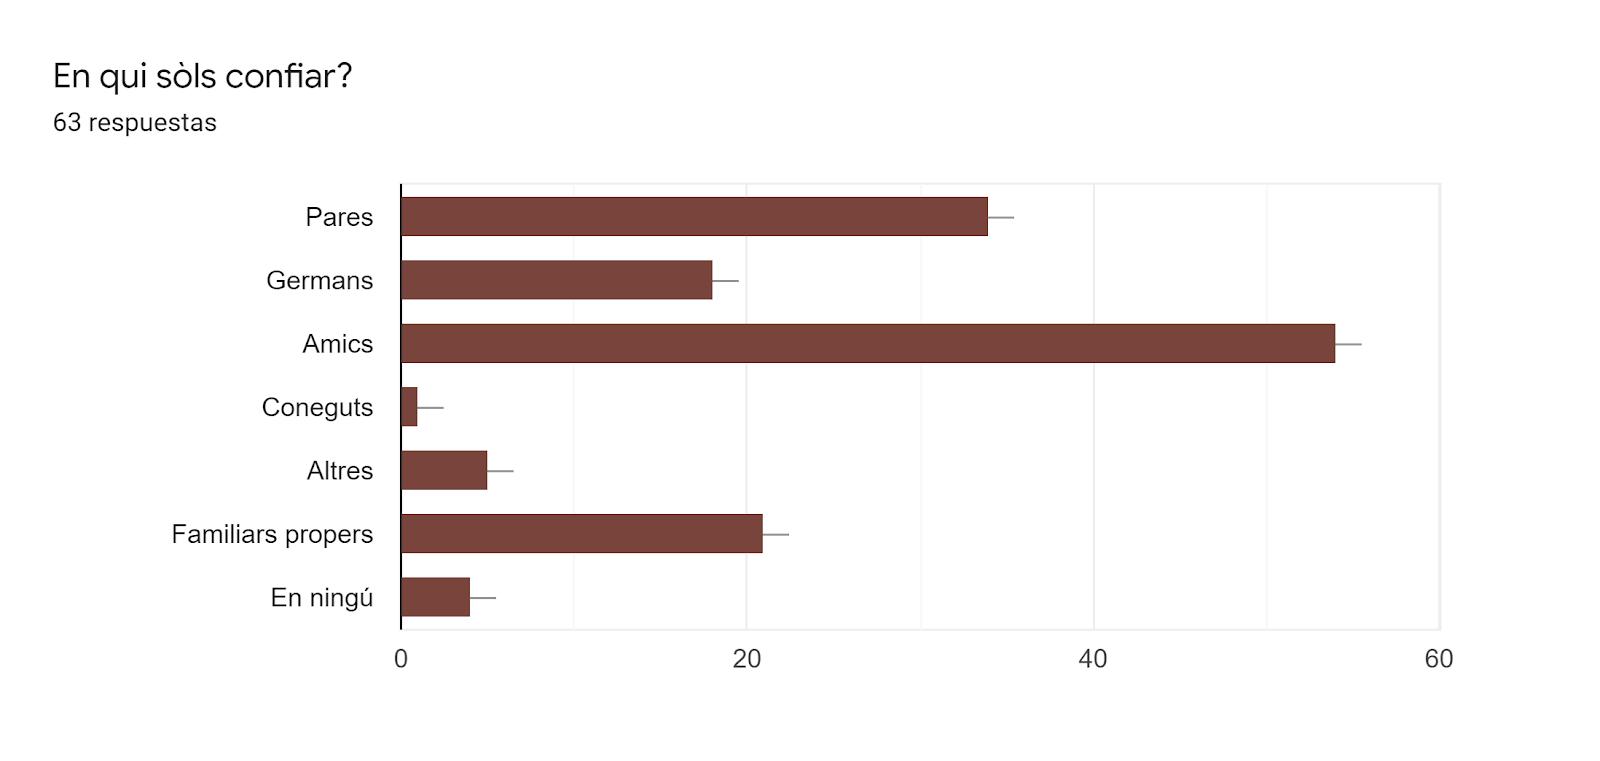 Gráfico de respuestas de formularios. Título de la pregunta:En qui sòls confiar?. Número de respuestas:63 respuestas.